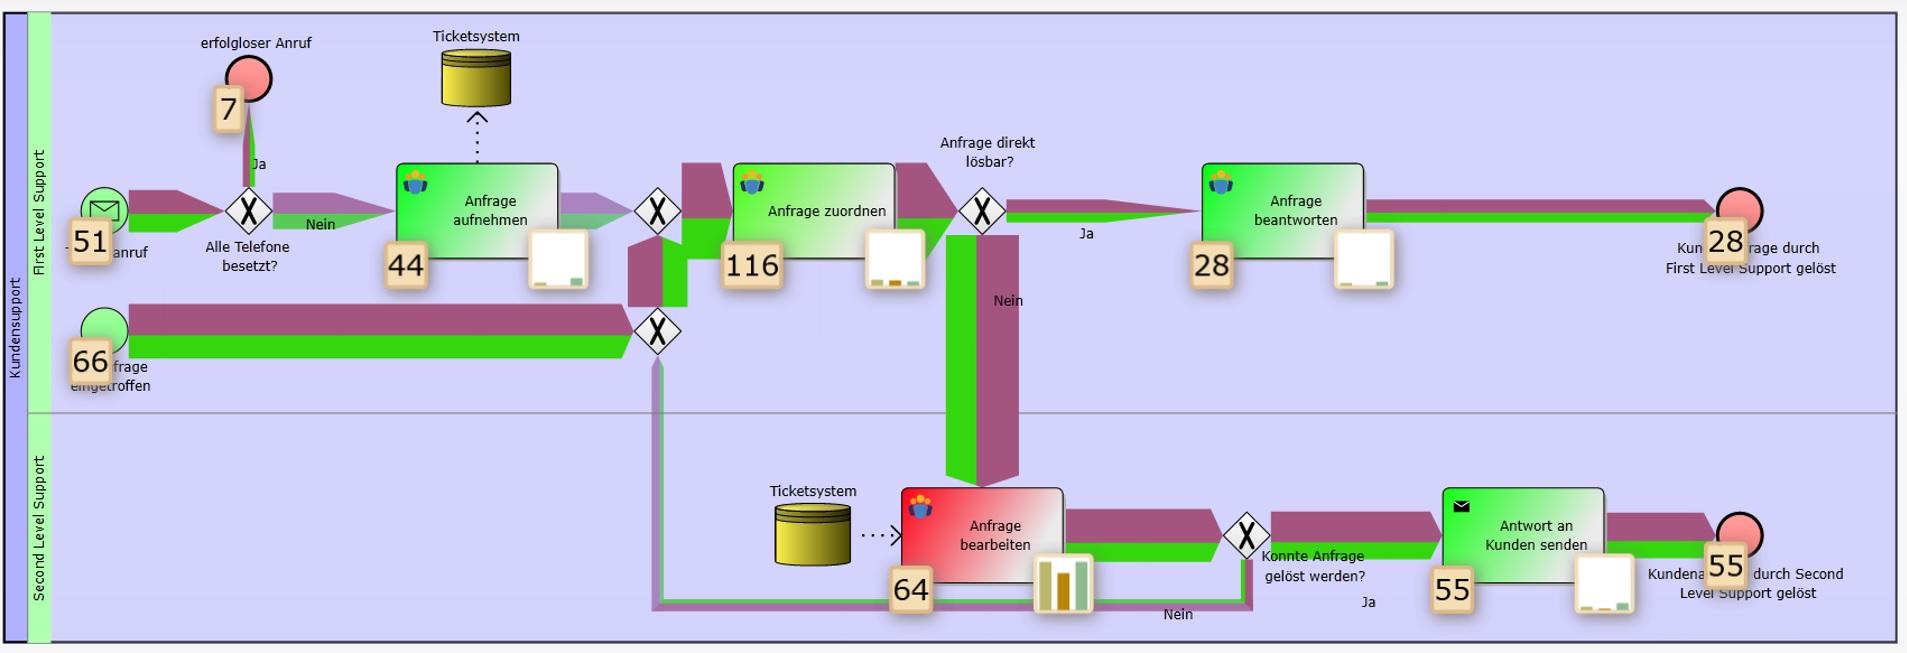 Prozessorientiertes Denken, Methodik, Prozessmodellierung BPMN 2.0, Simulationsansicht Prozessmodell IYOPROmit BPMN 2.0, S